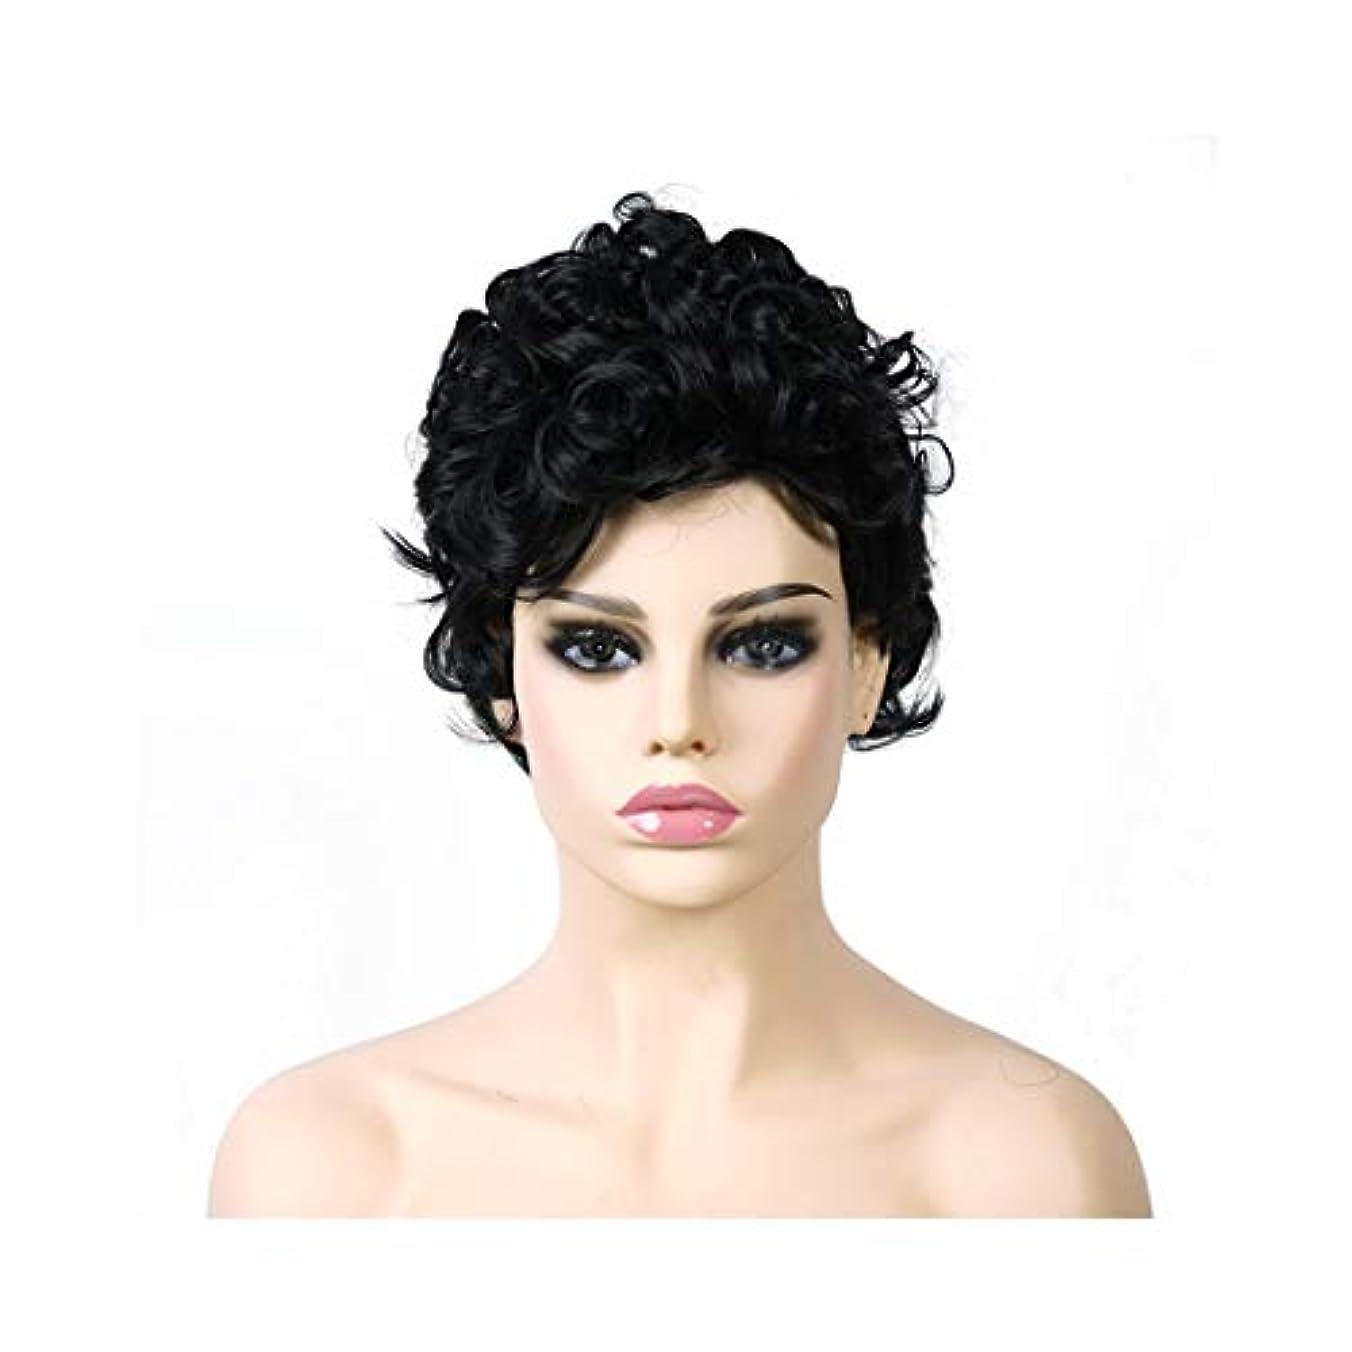 デンプシー生む保持するYOUQIU 女性のふわふわショートカーリーウィッグテクスチャファッション気質ウィッグウィッグ (色 : 黒)